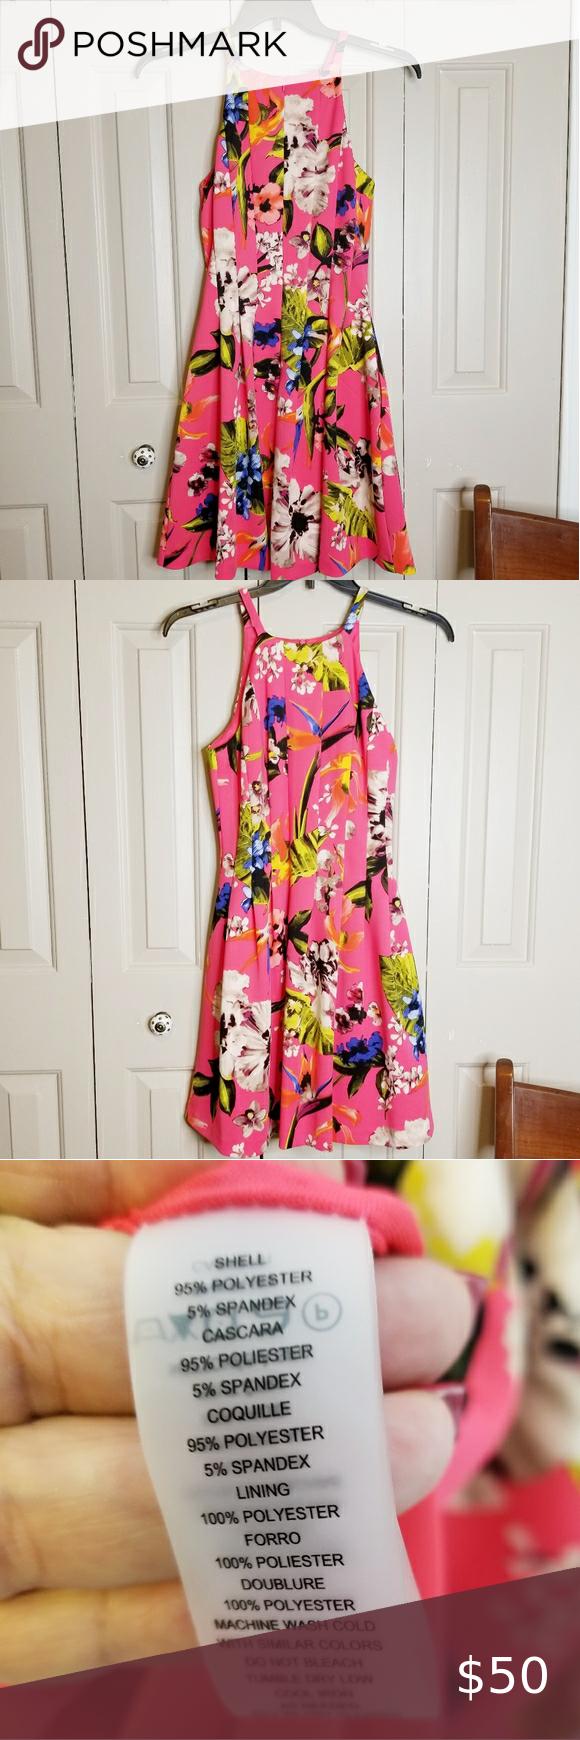 Vince Camuto Pink Floral Dress Pink Floral Dress Floral Dress Pink Sleeveless Dress [ 1740 x 580 Pixel ]